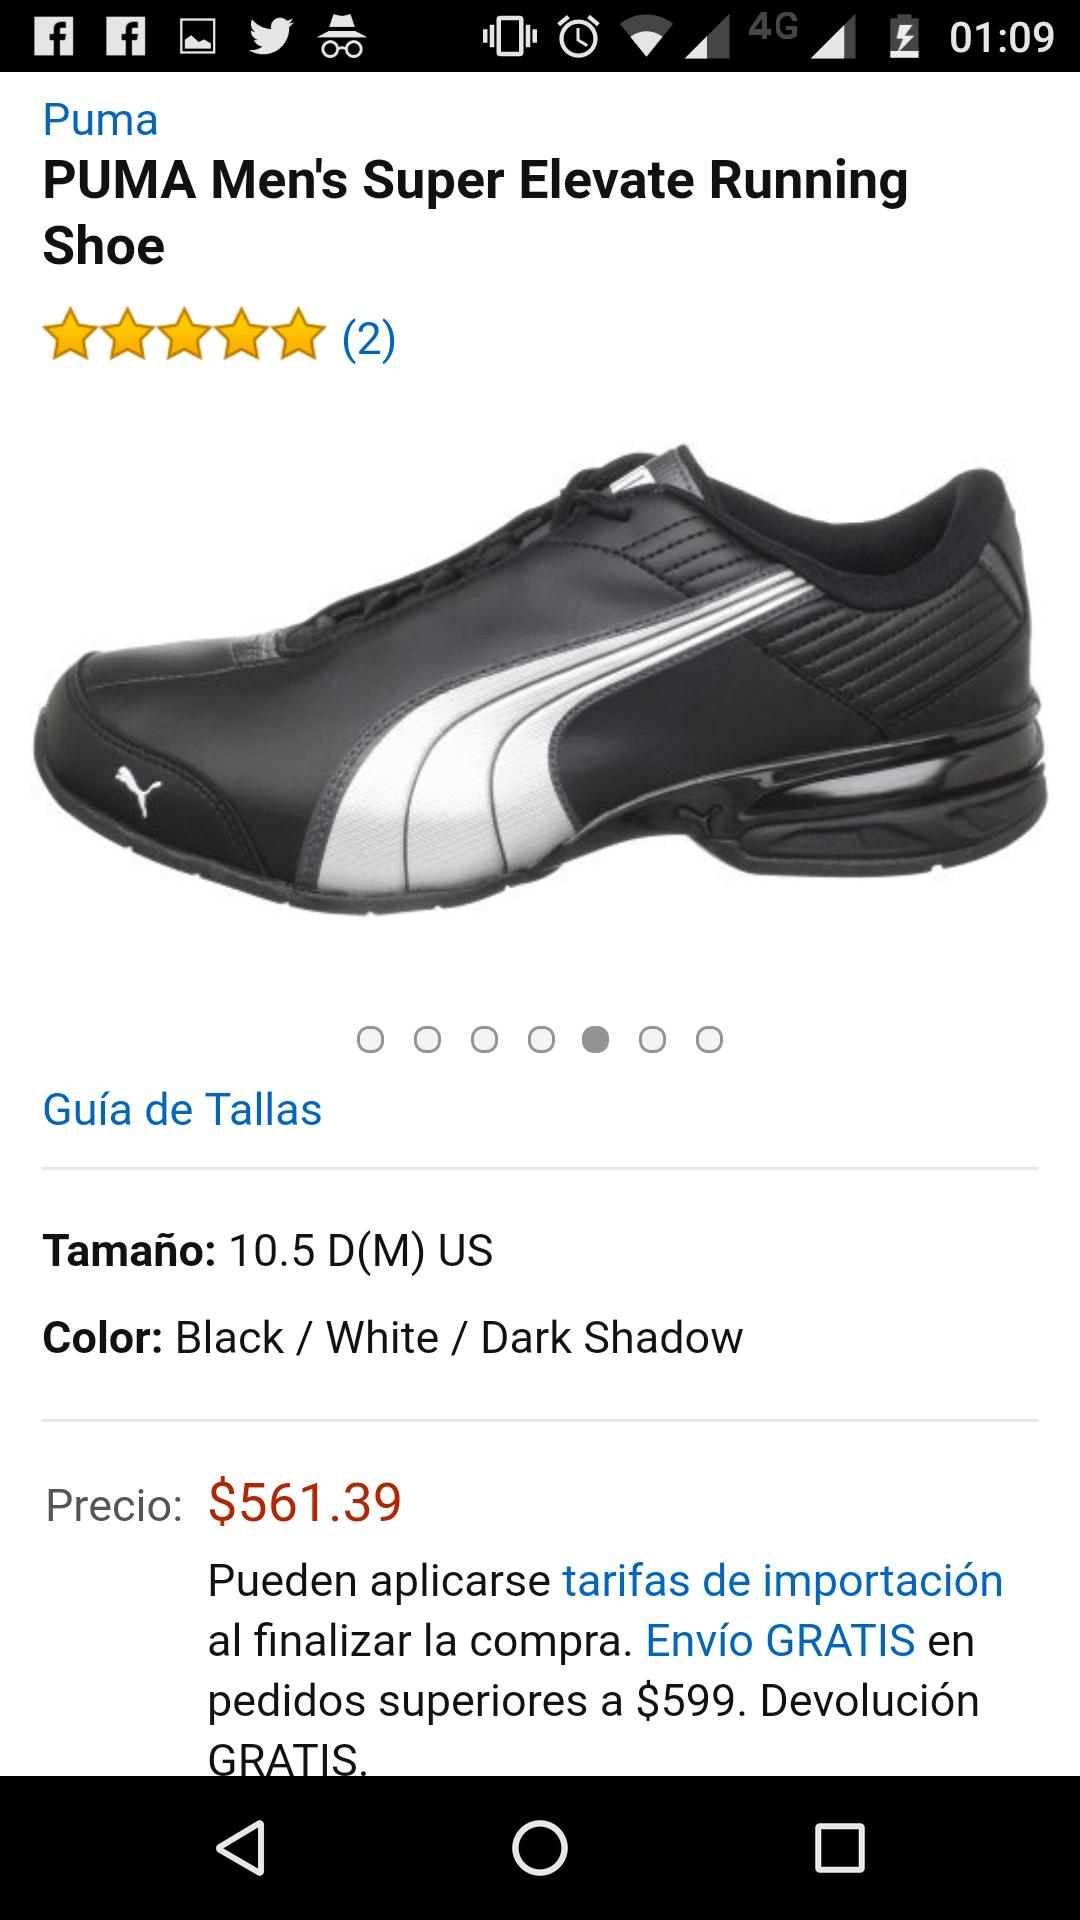 Amazon: tenis PUMA Men's Super Elevate Running